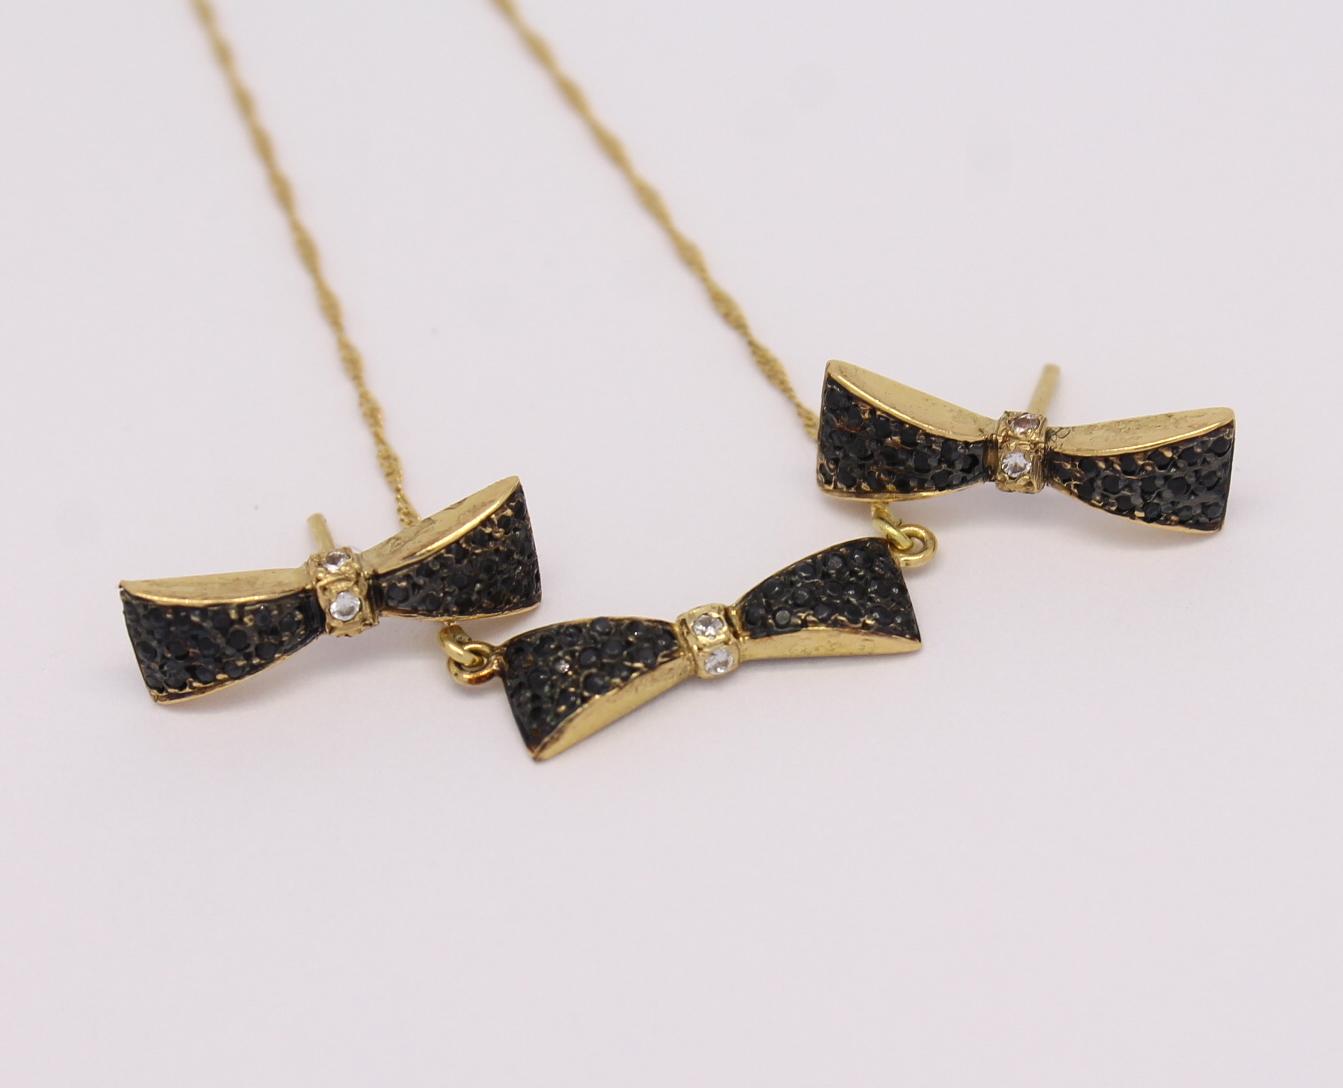 Conjunto Laço Diamantes Negros, Rodium Negro, Safiras Austríacas OA 18k 750 eb63c39722